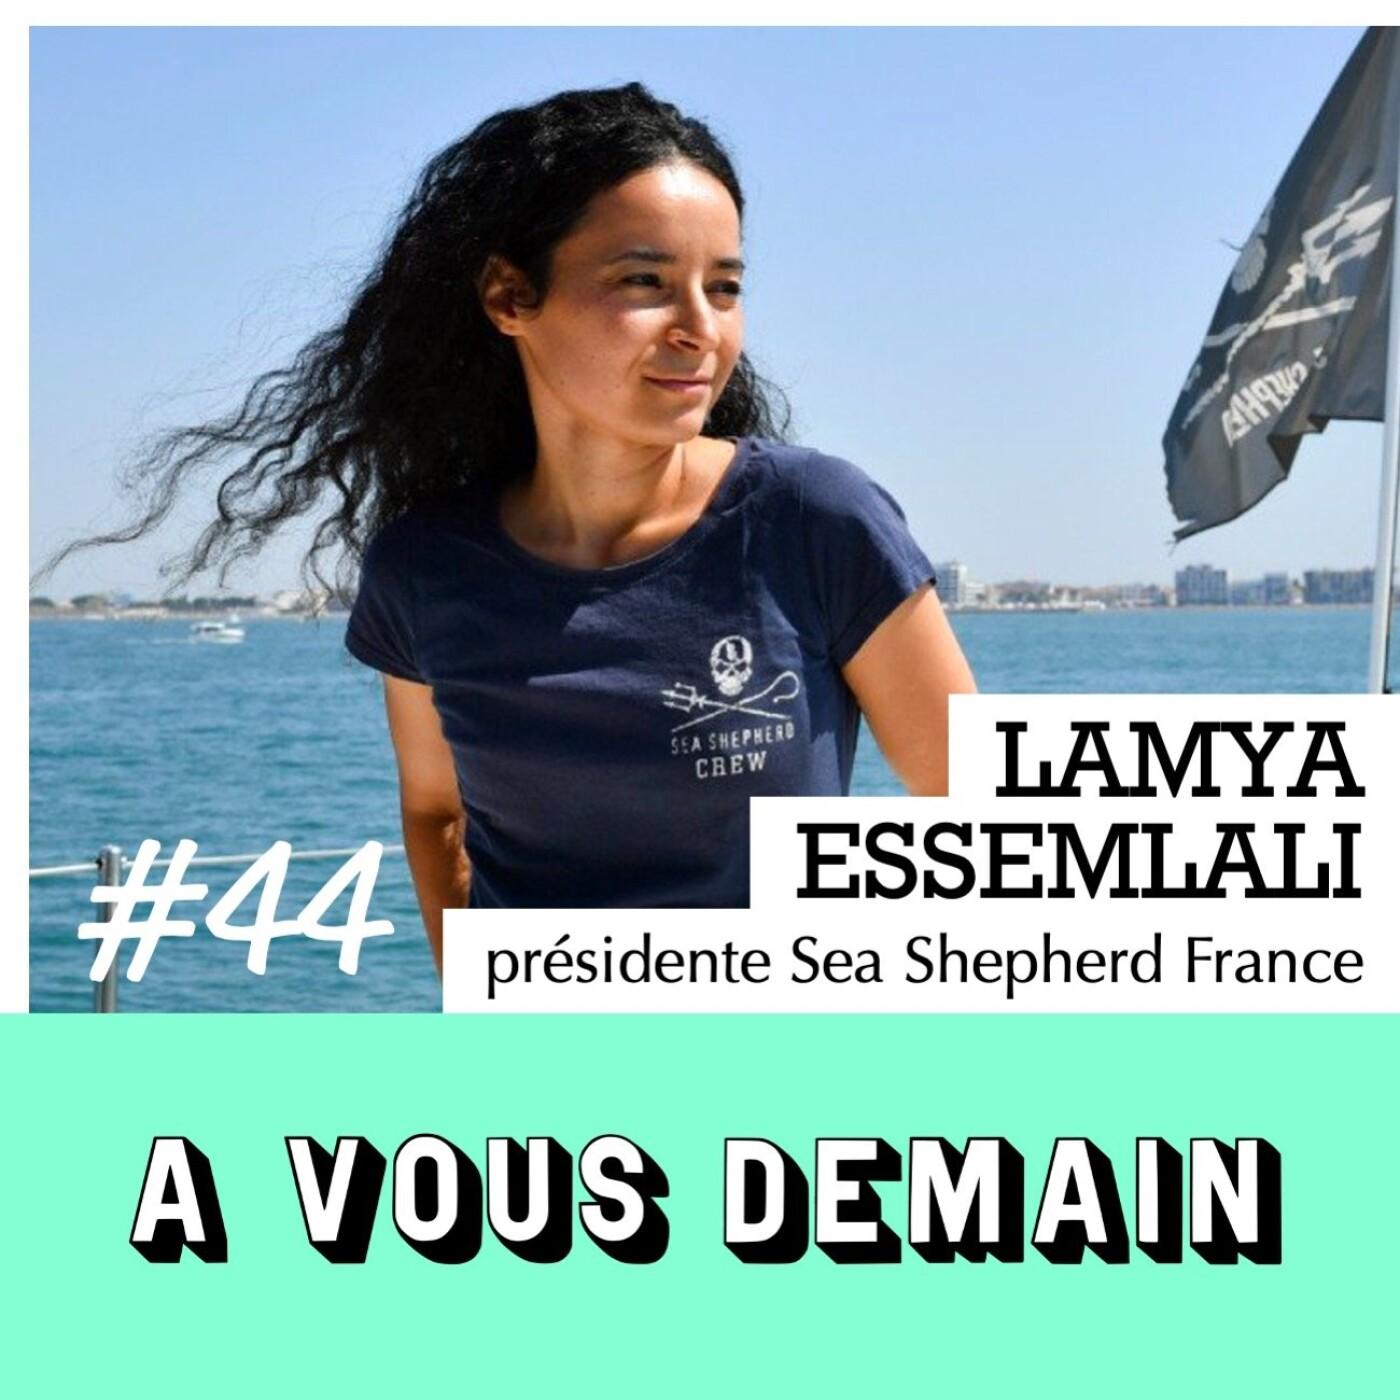 #44 l Réédition - Lamya Essemlali (Sea Shepherd) : l'activiste des océans